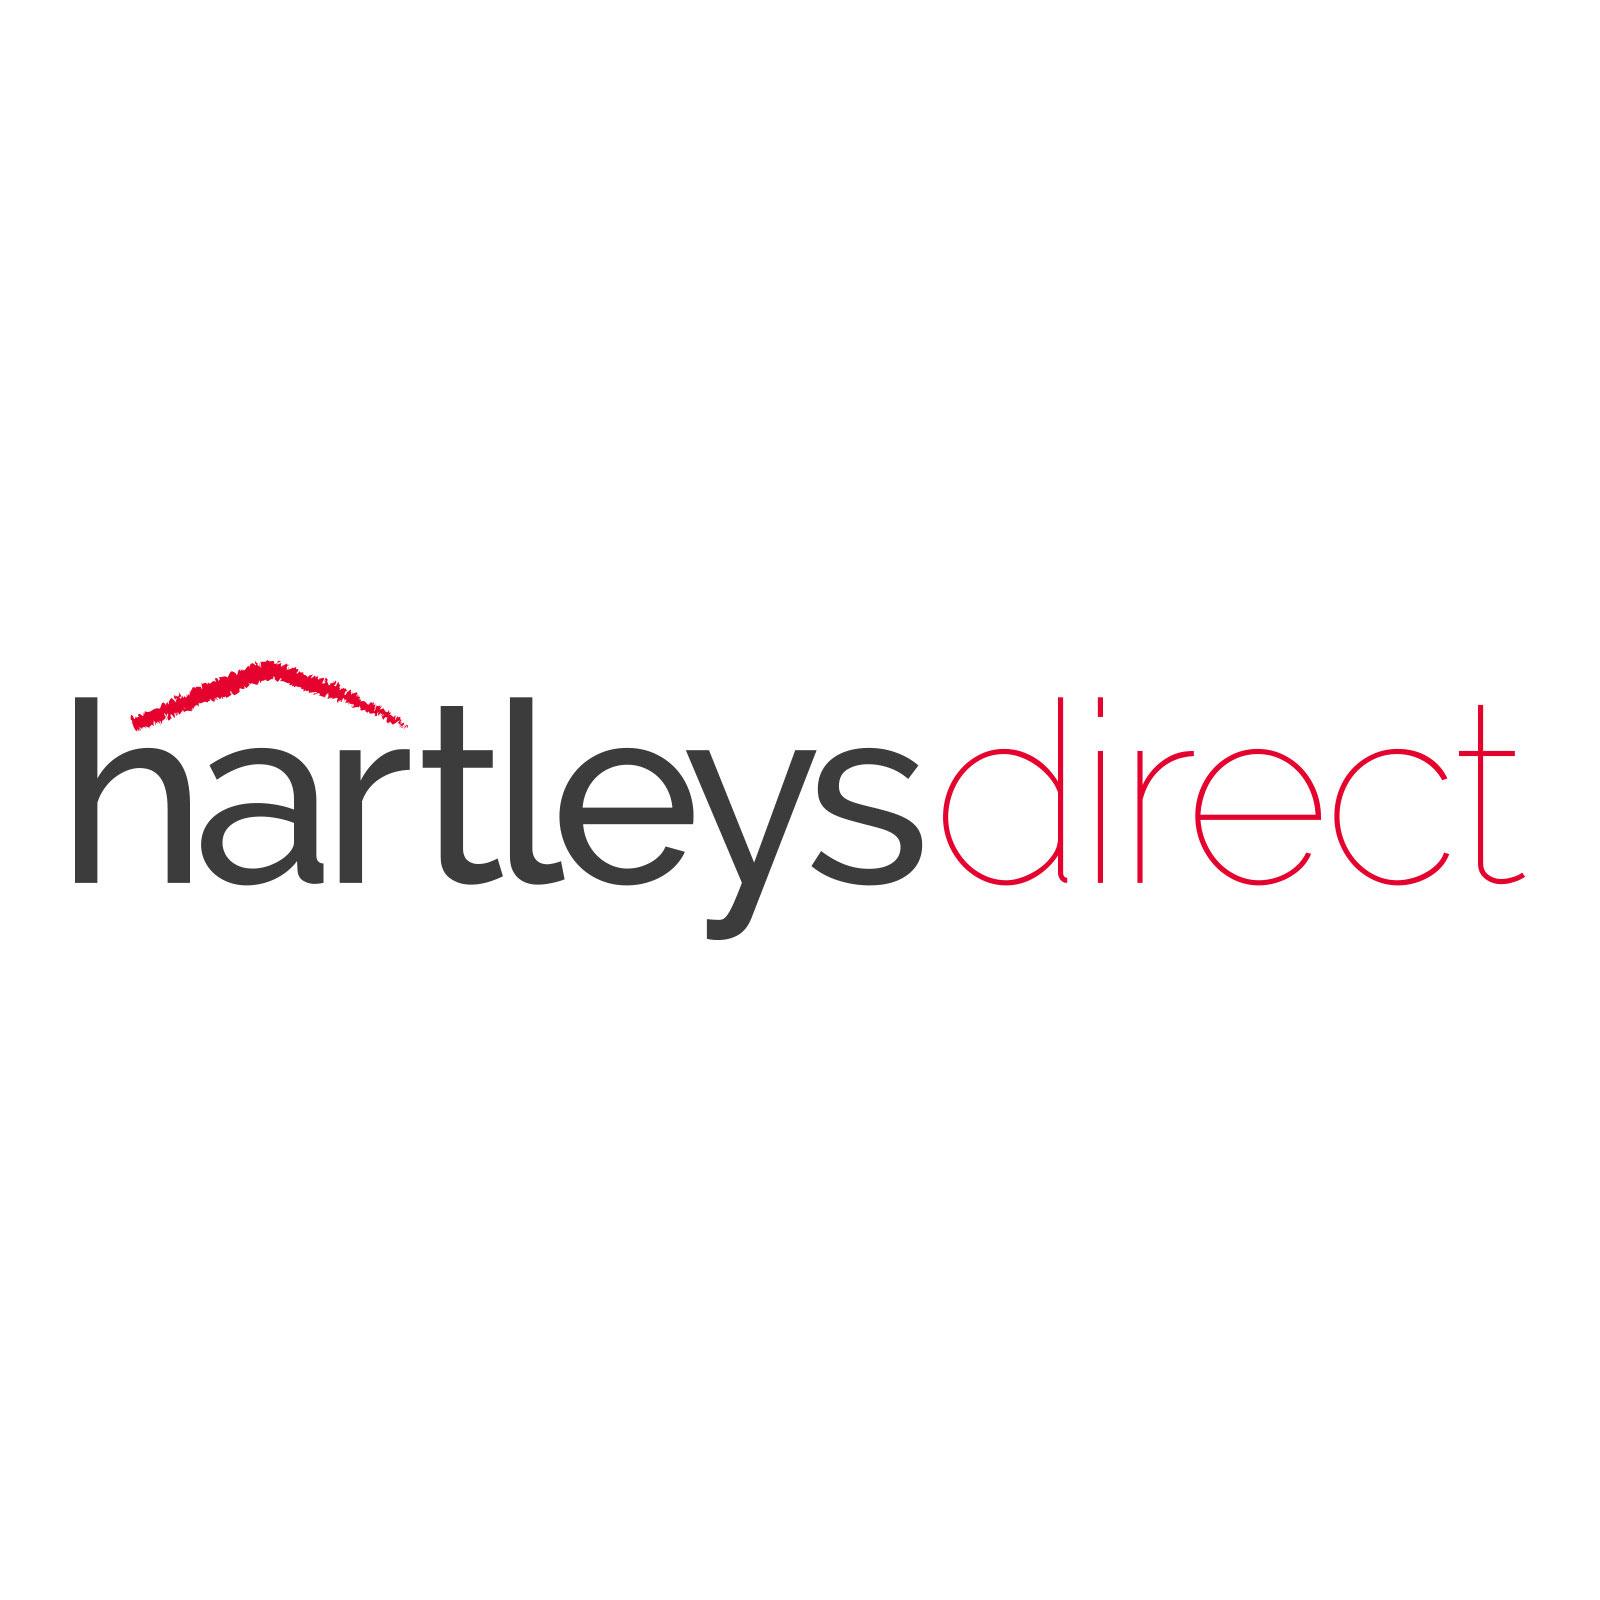 Hartleys-Steel-Mailbox-on-White-Background.jpg